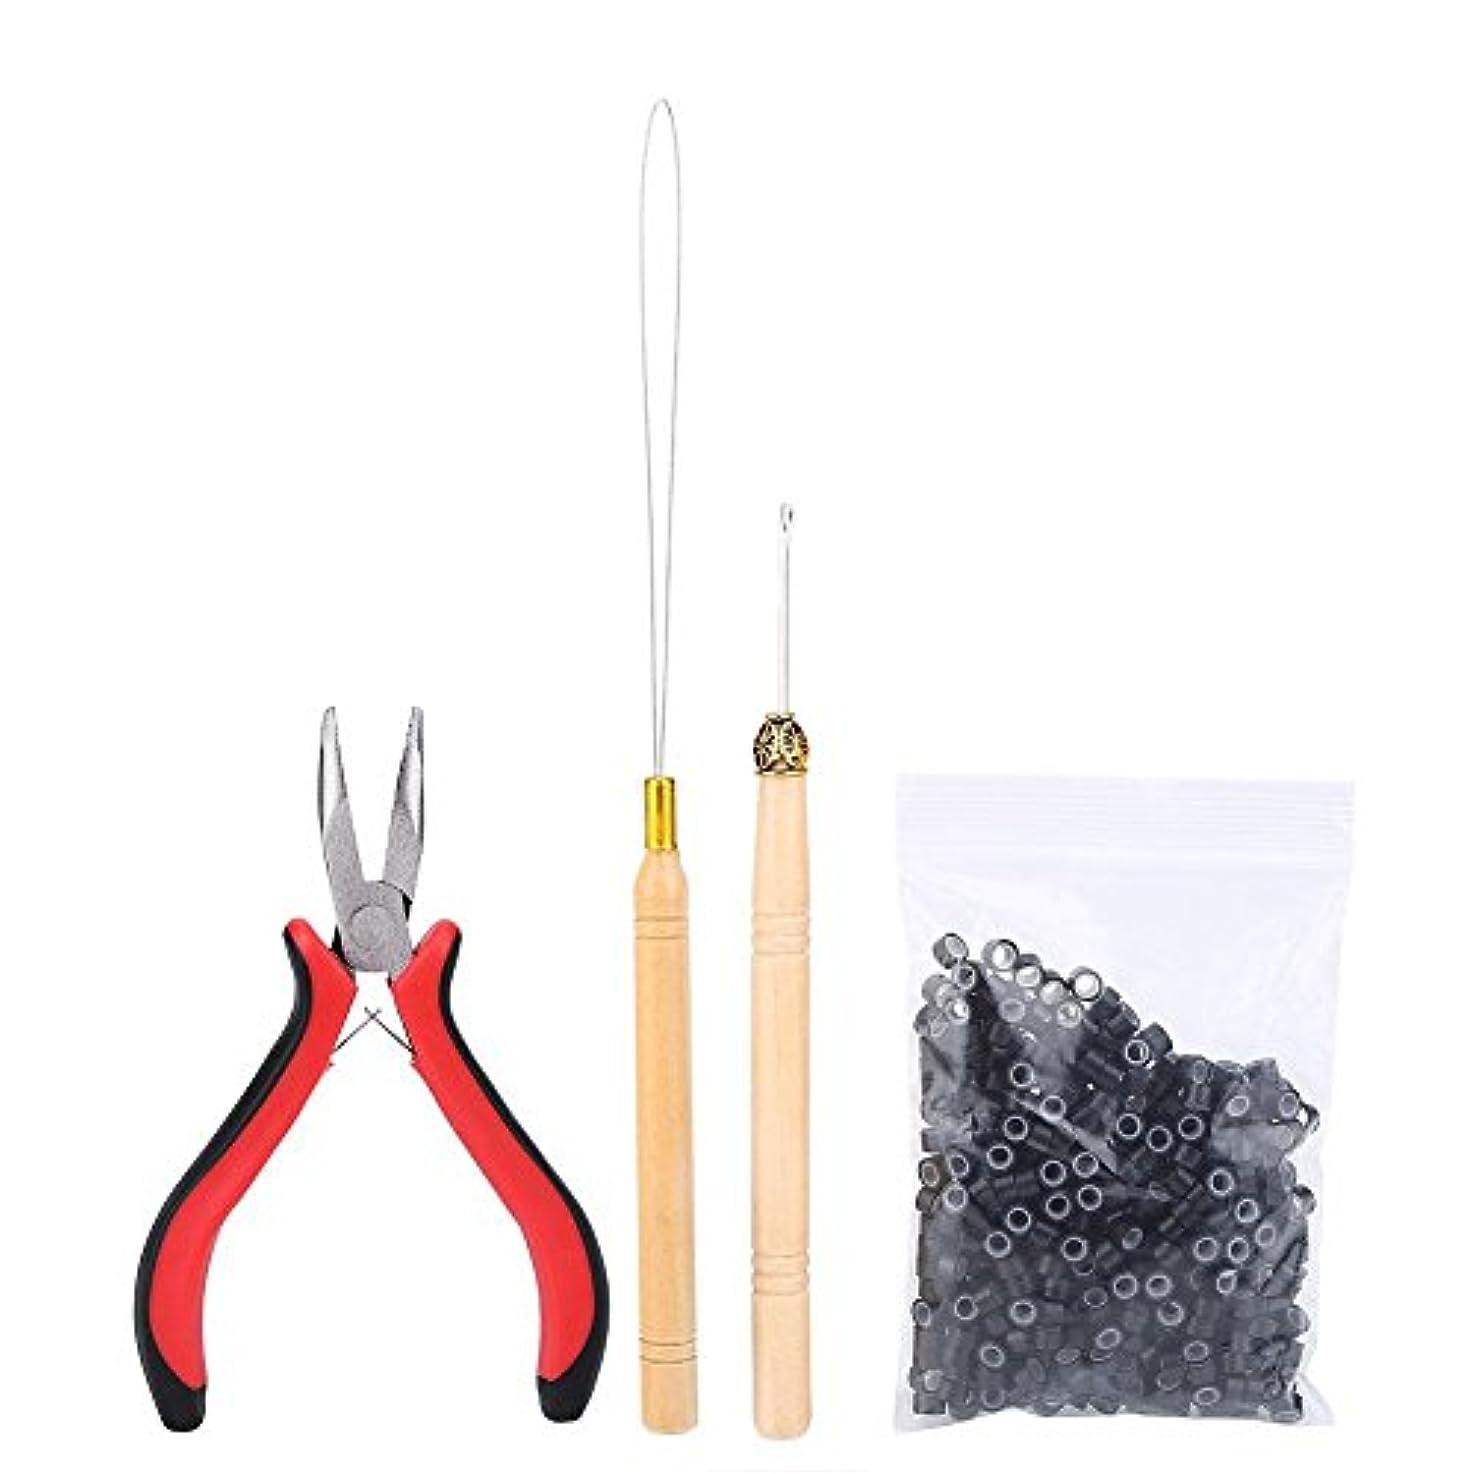 アパル悪意のある砂ヘアエクステンションキット、ヘアコネクタセットプロのヘアエクステンションツールセットかつらコネクタヘアスタイラーかつらアクセサリー(01#)